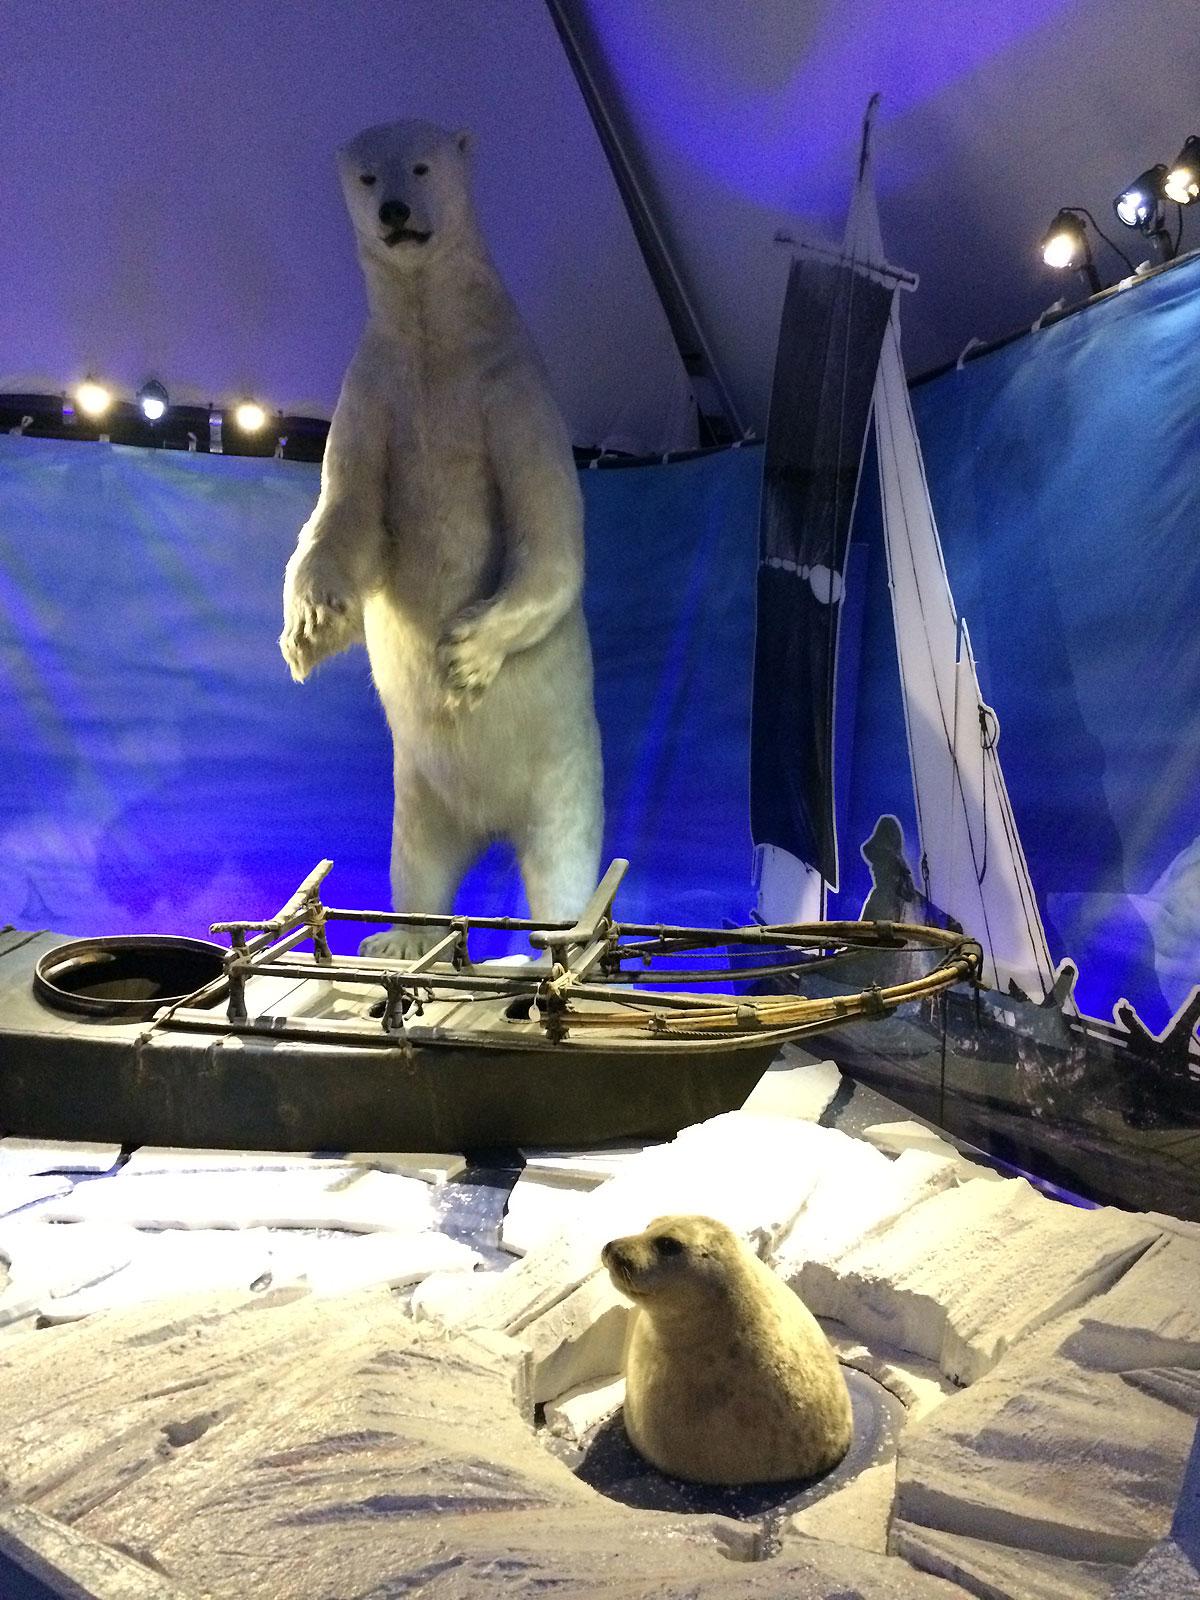 I de store haller er ligeledes udstillet det meste af det ustyr som er blevet anvendt på ekspeditionerne, ligesom spændende udstillinger viser dyrelivet, som var vigtig for at sikre overlevelsen.